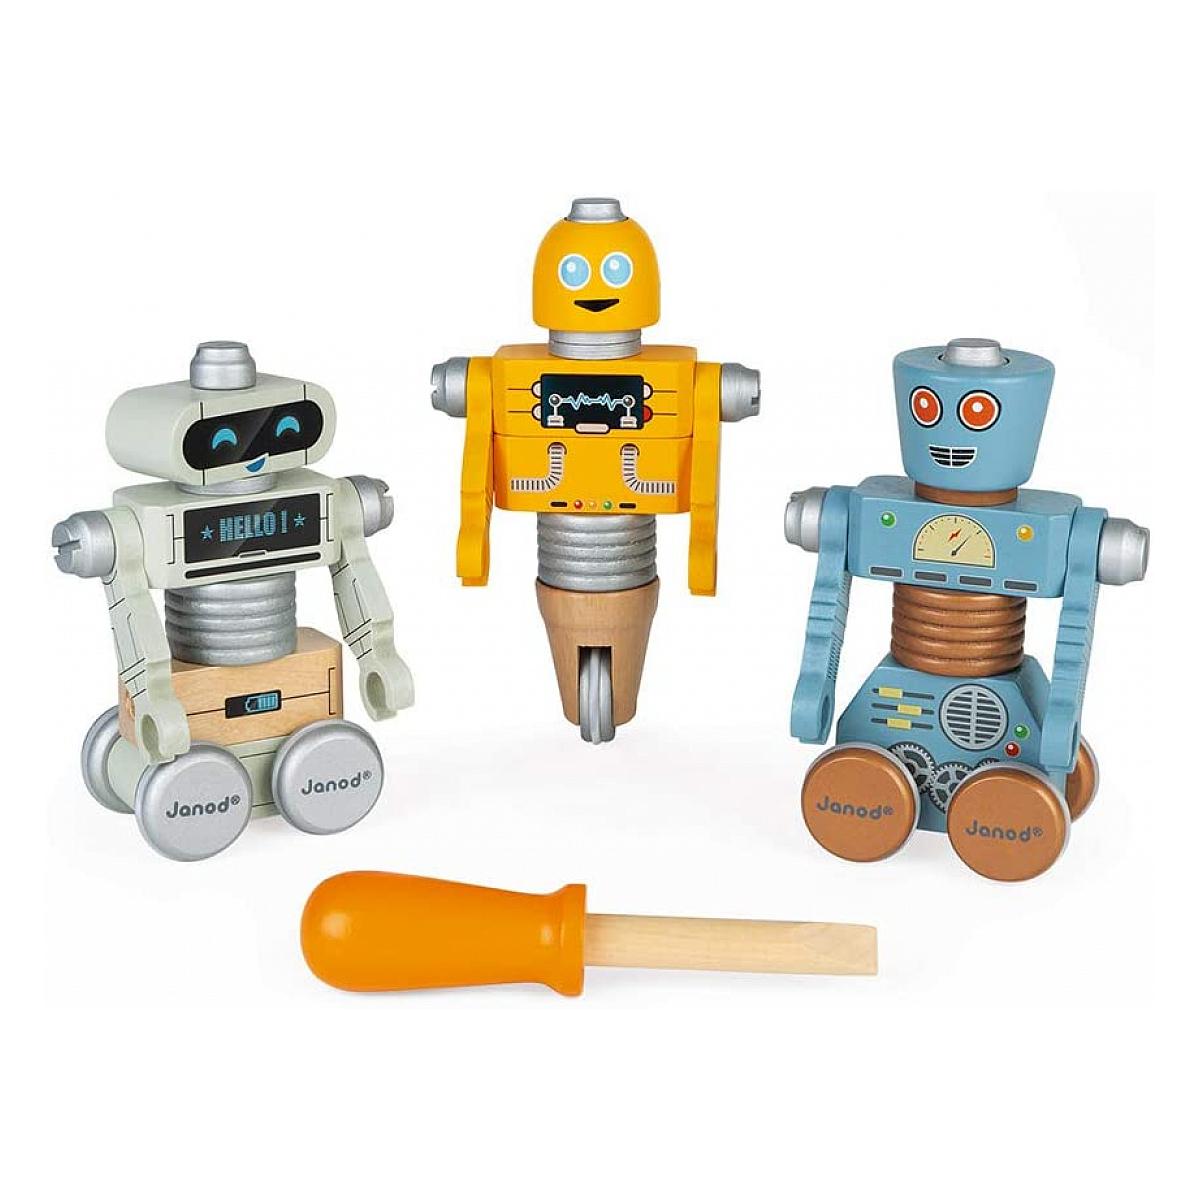 Janod - Jeux de bricolage - Robots brico kids